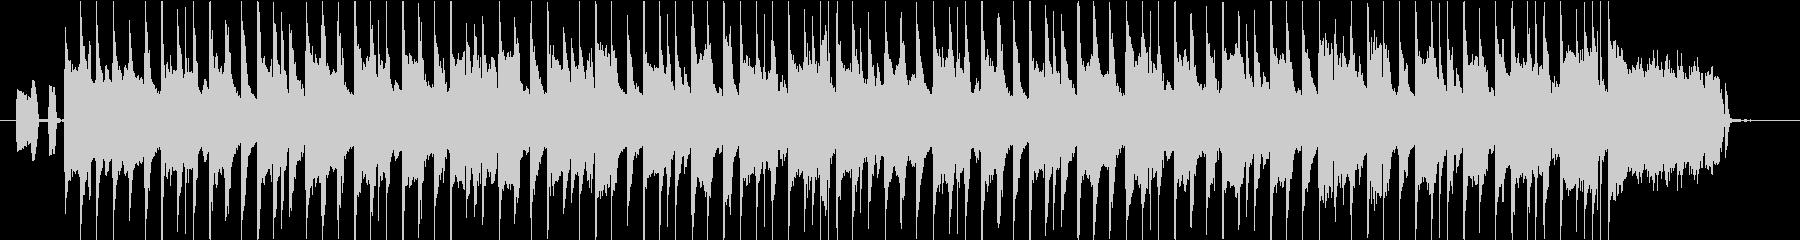 ウキウキするような3拍子アコーディオンの未再生の波形